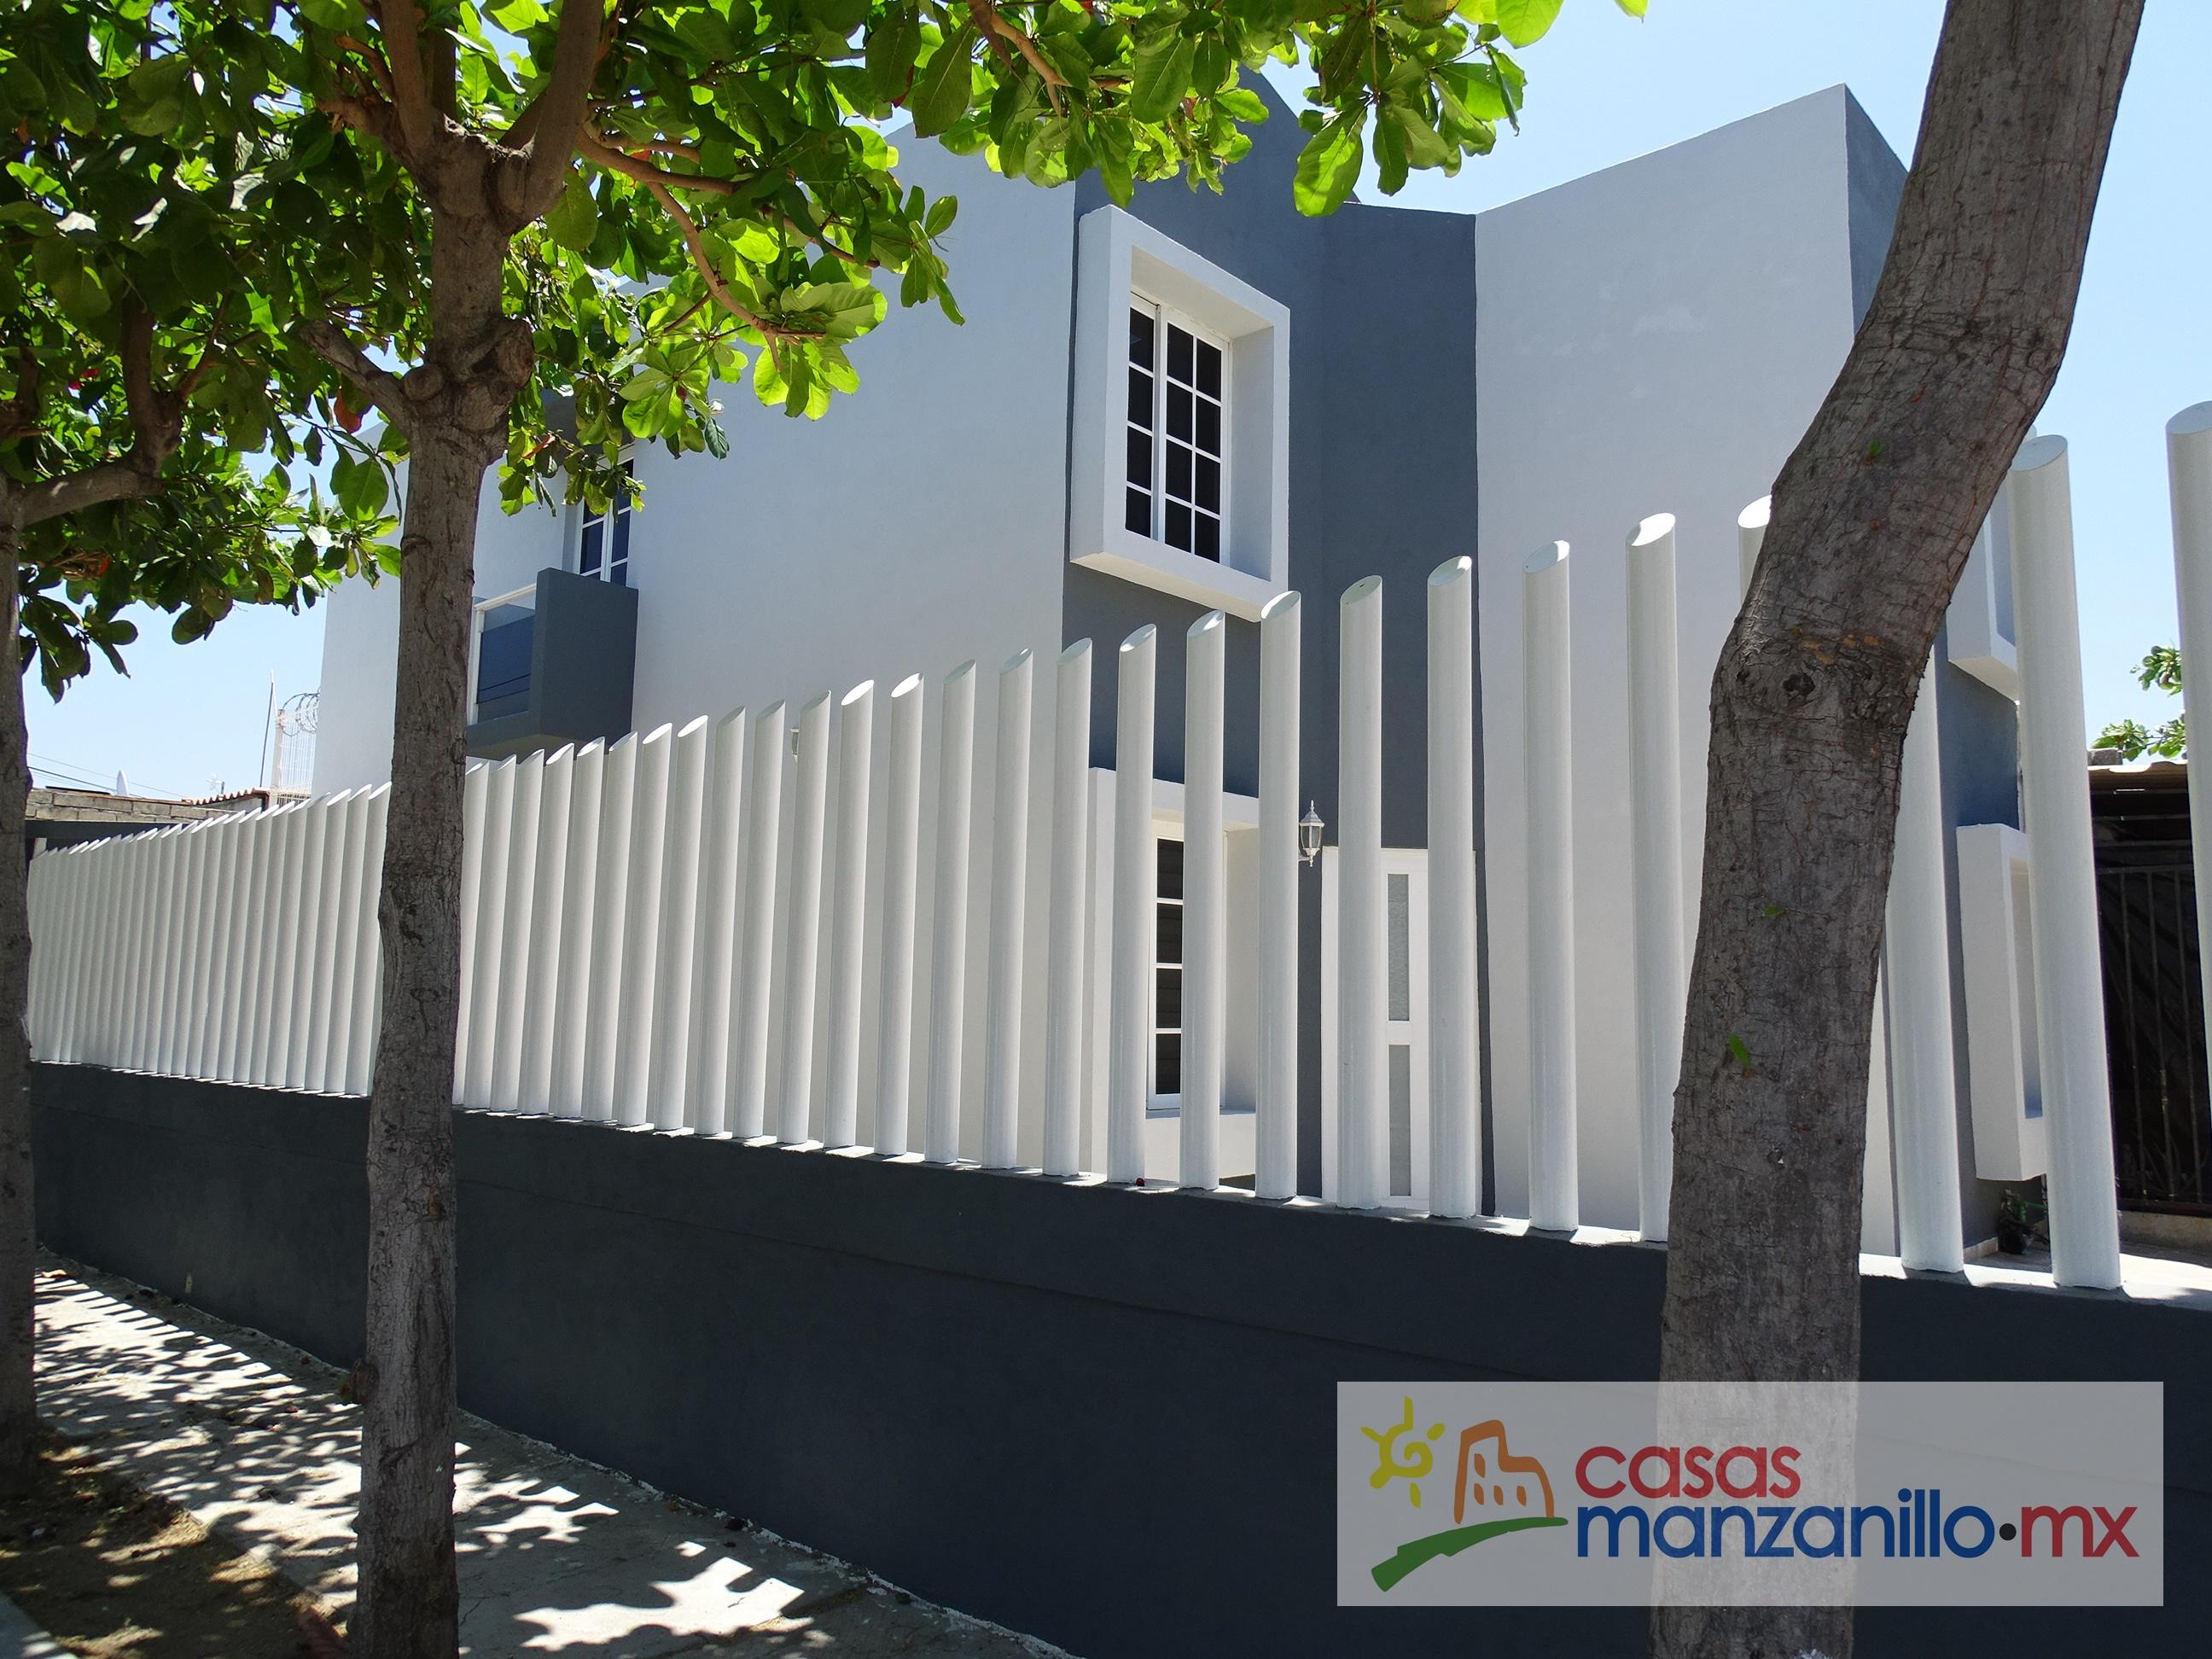 Casas VENTA Manzanillo - La Joya (13)